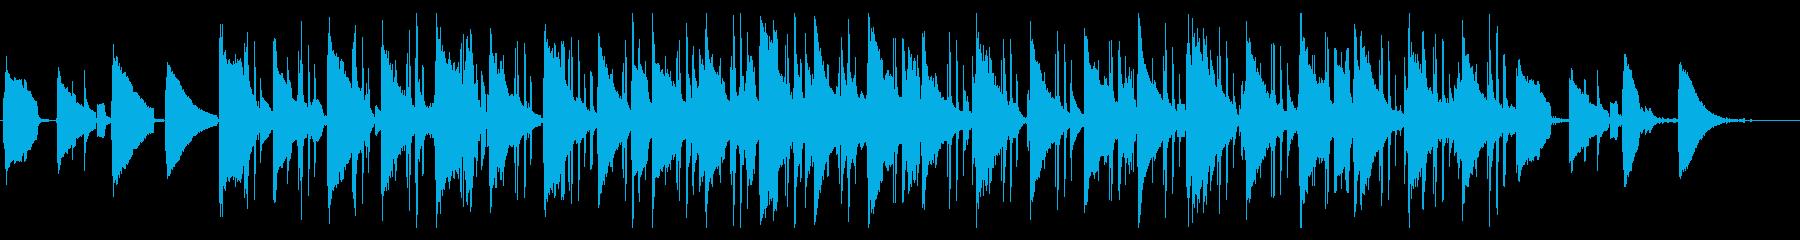 【生演奏】Lofi/Jazz/作業用の再生済みの波形